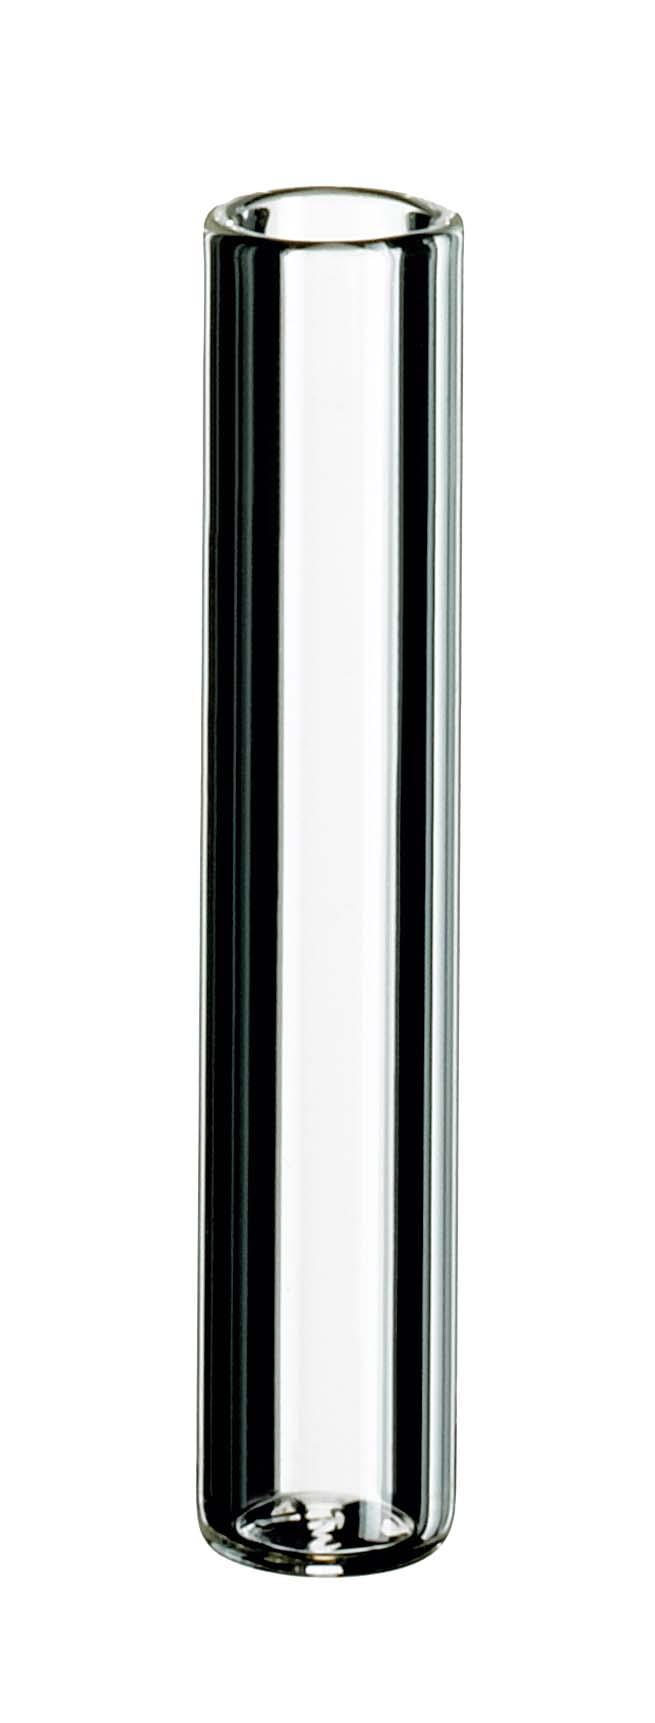 0,2ml Mikroeinsatz, 31 x 6mm, Klarglas, mit flachem Boden (>>> silanisiert